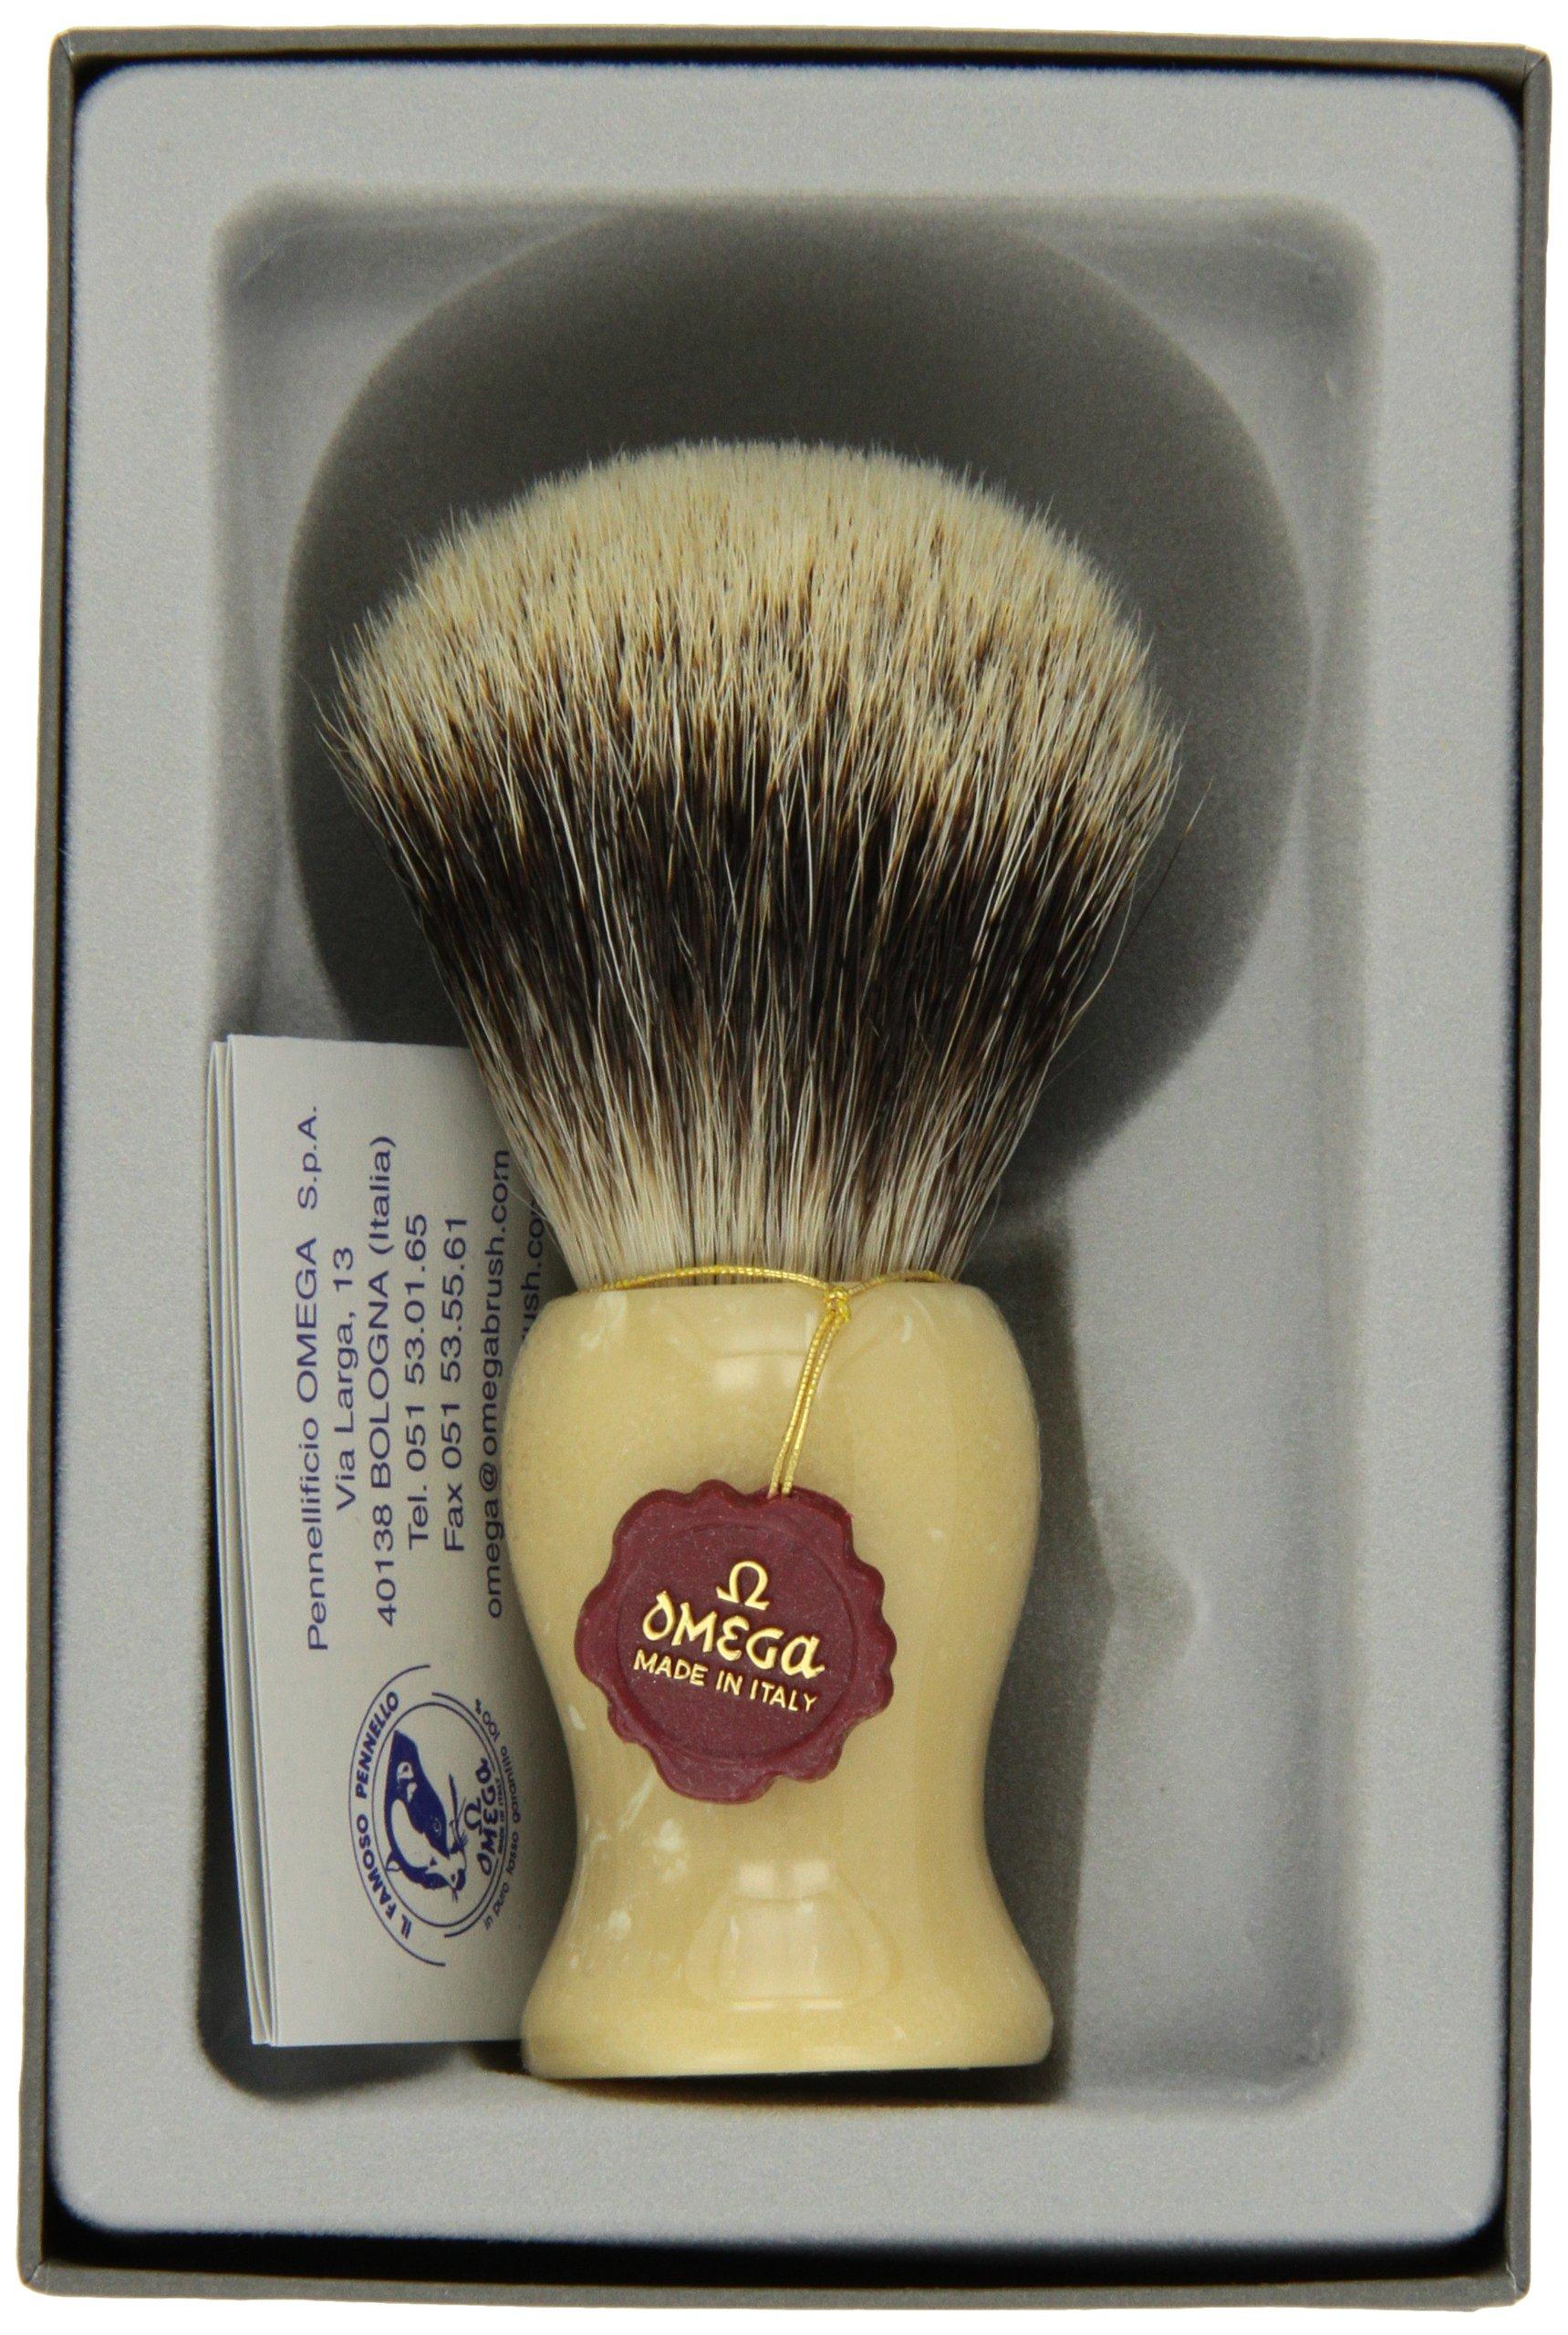 Elegant Silver Tip Badger Shaving Brush by Omega